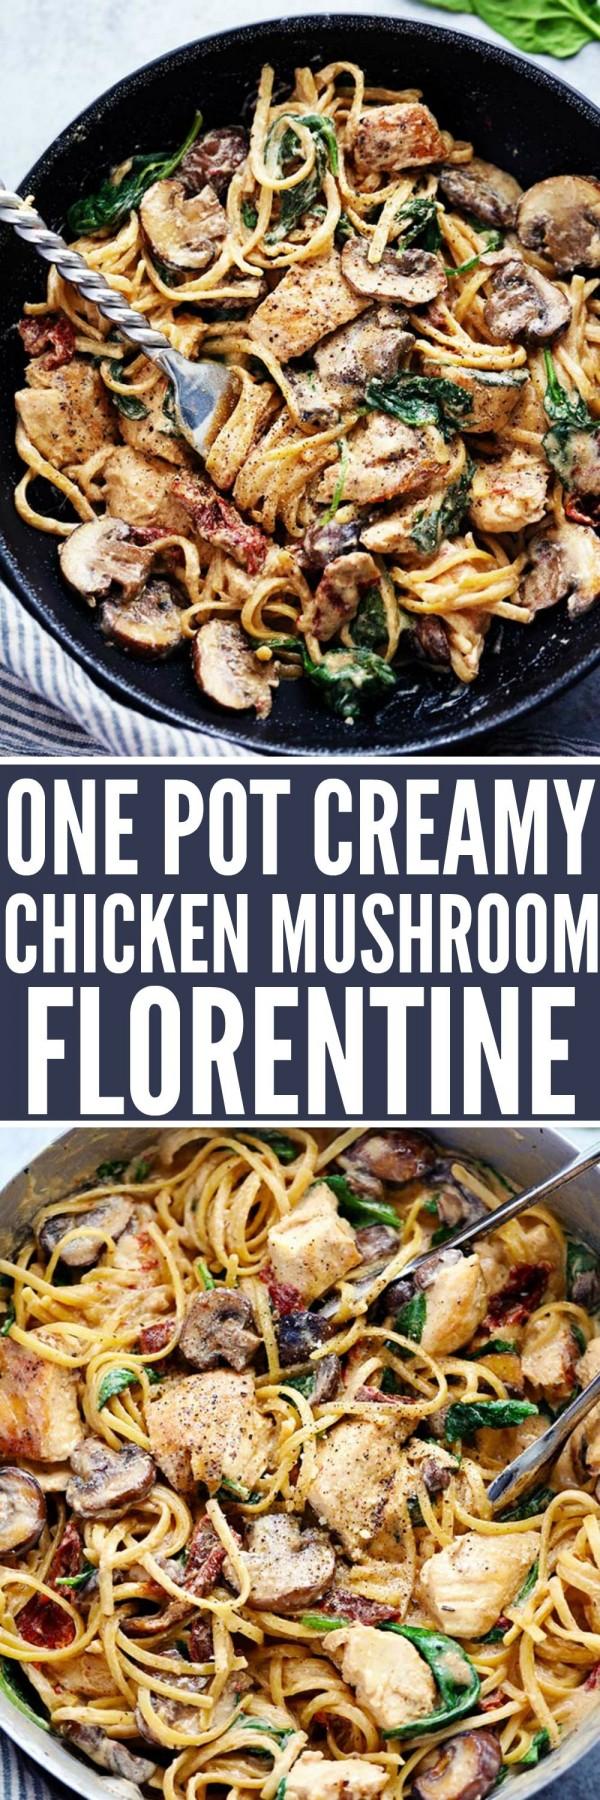 Get the recipe Creamy Chicken Mushroom Florentine @recipes_to_go